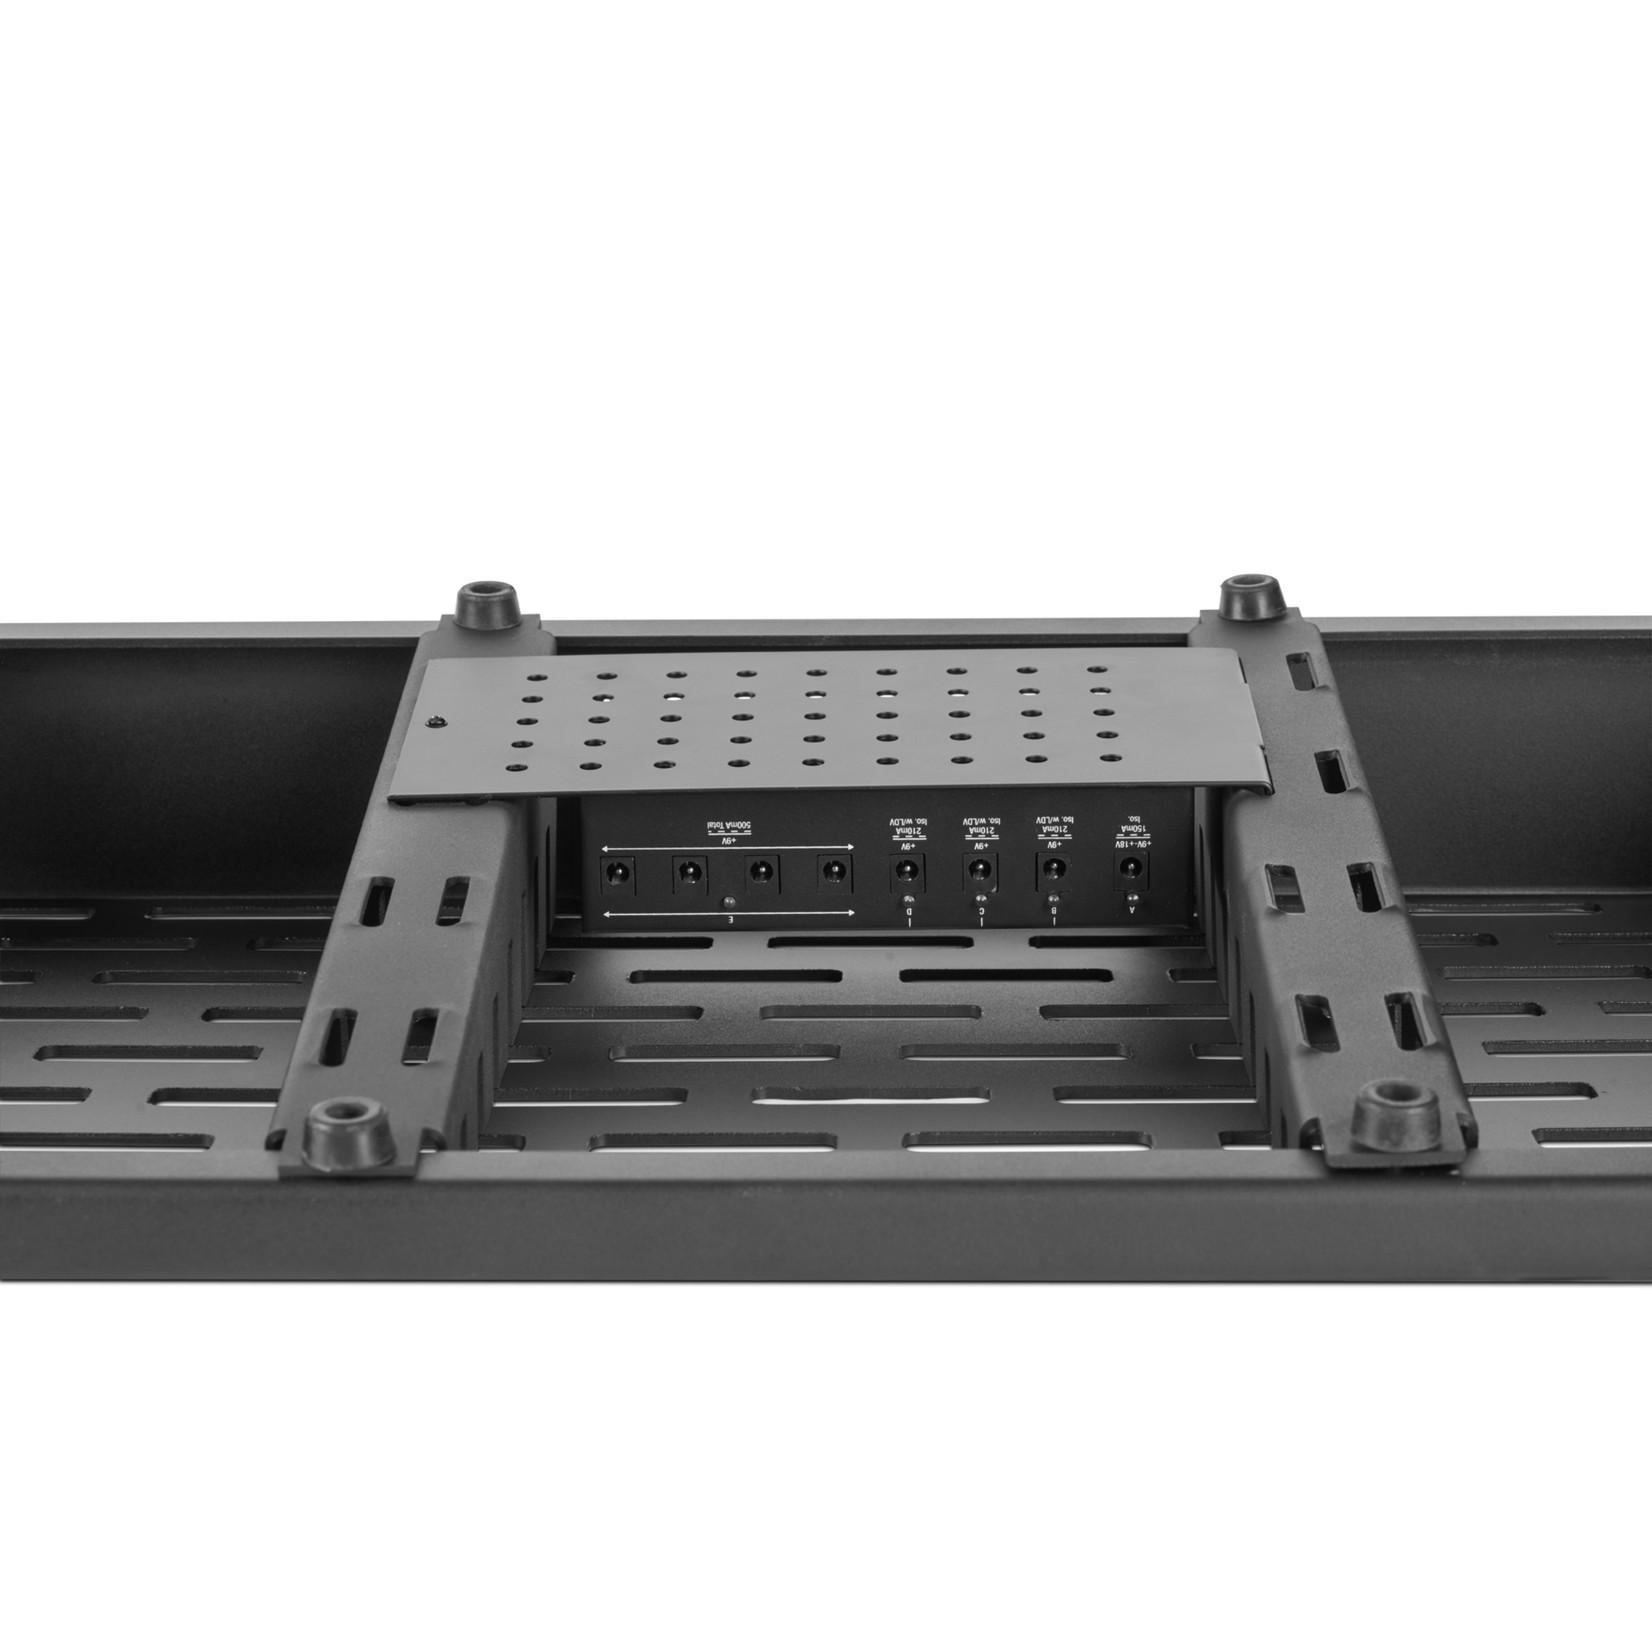 Rockboard RockBoard The Tray - power supply mounting solution for RockBoard Pedalboards